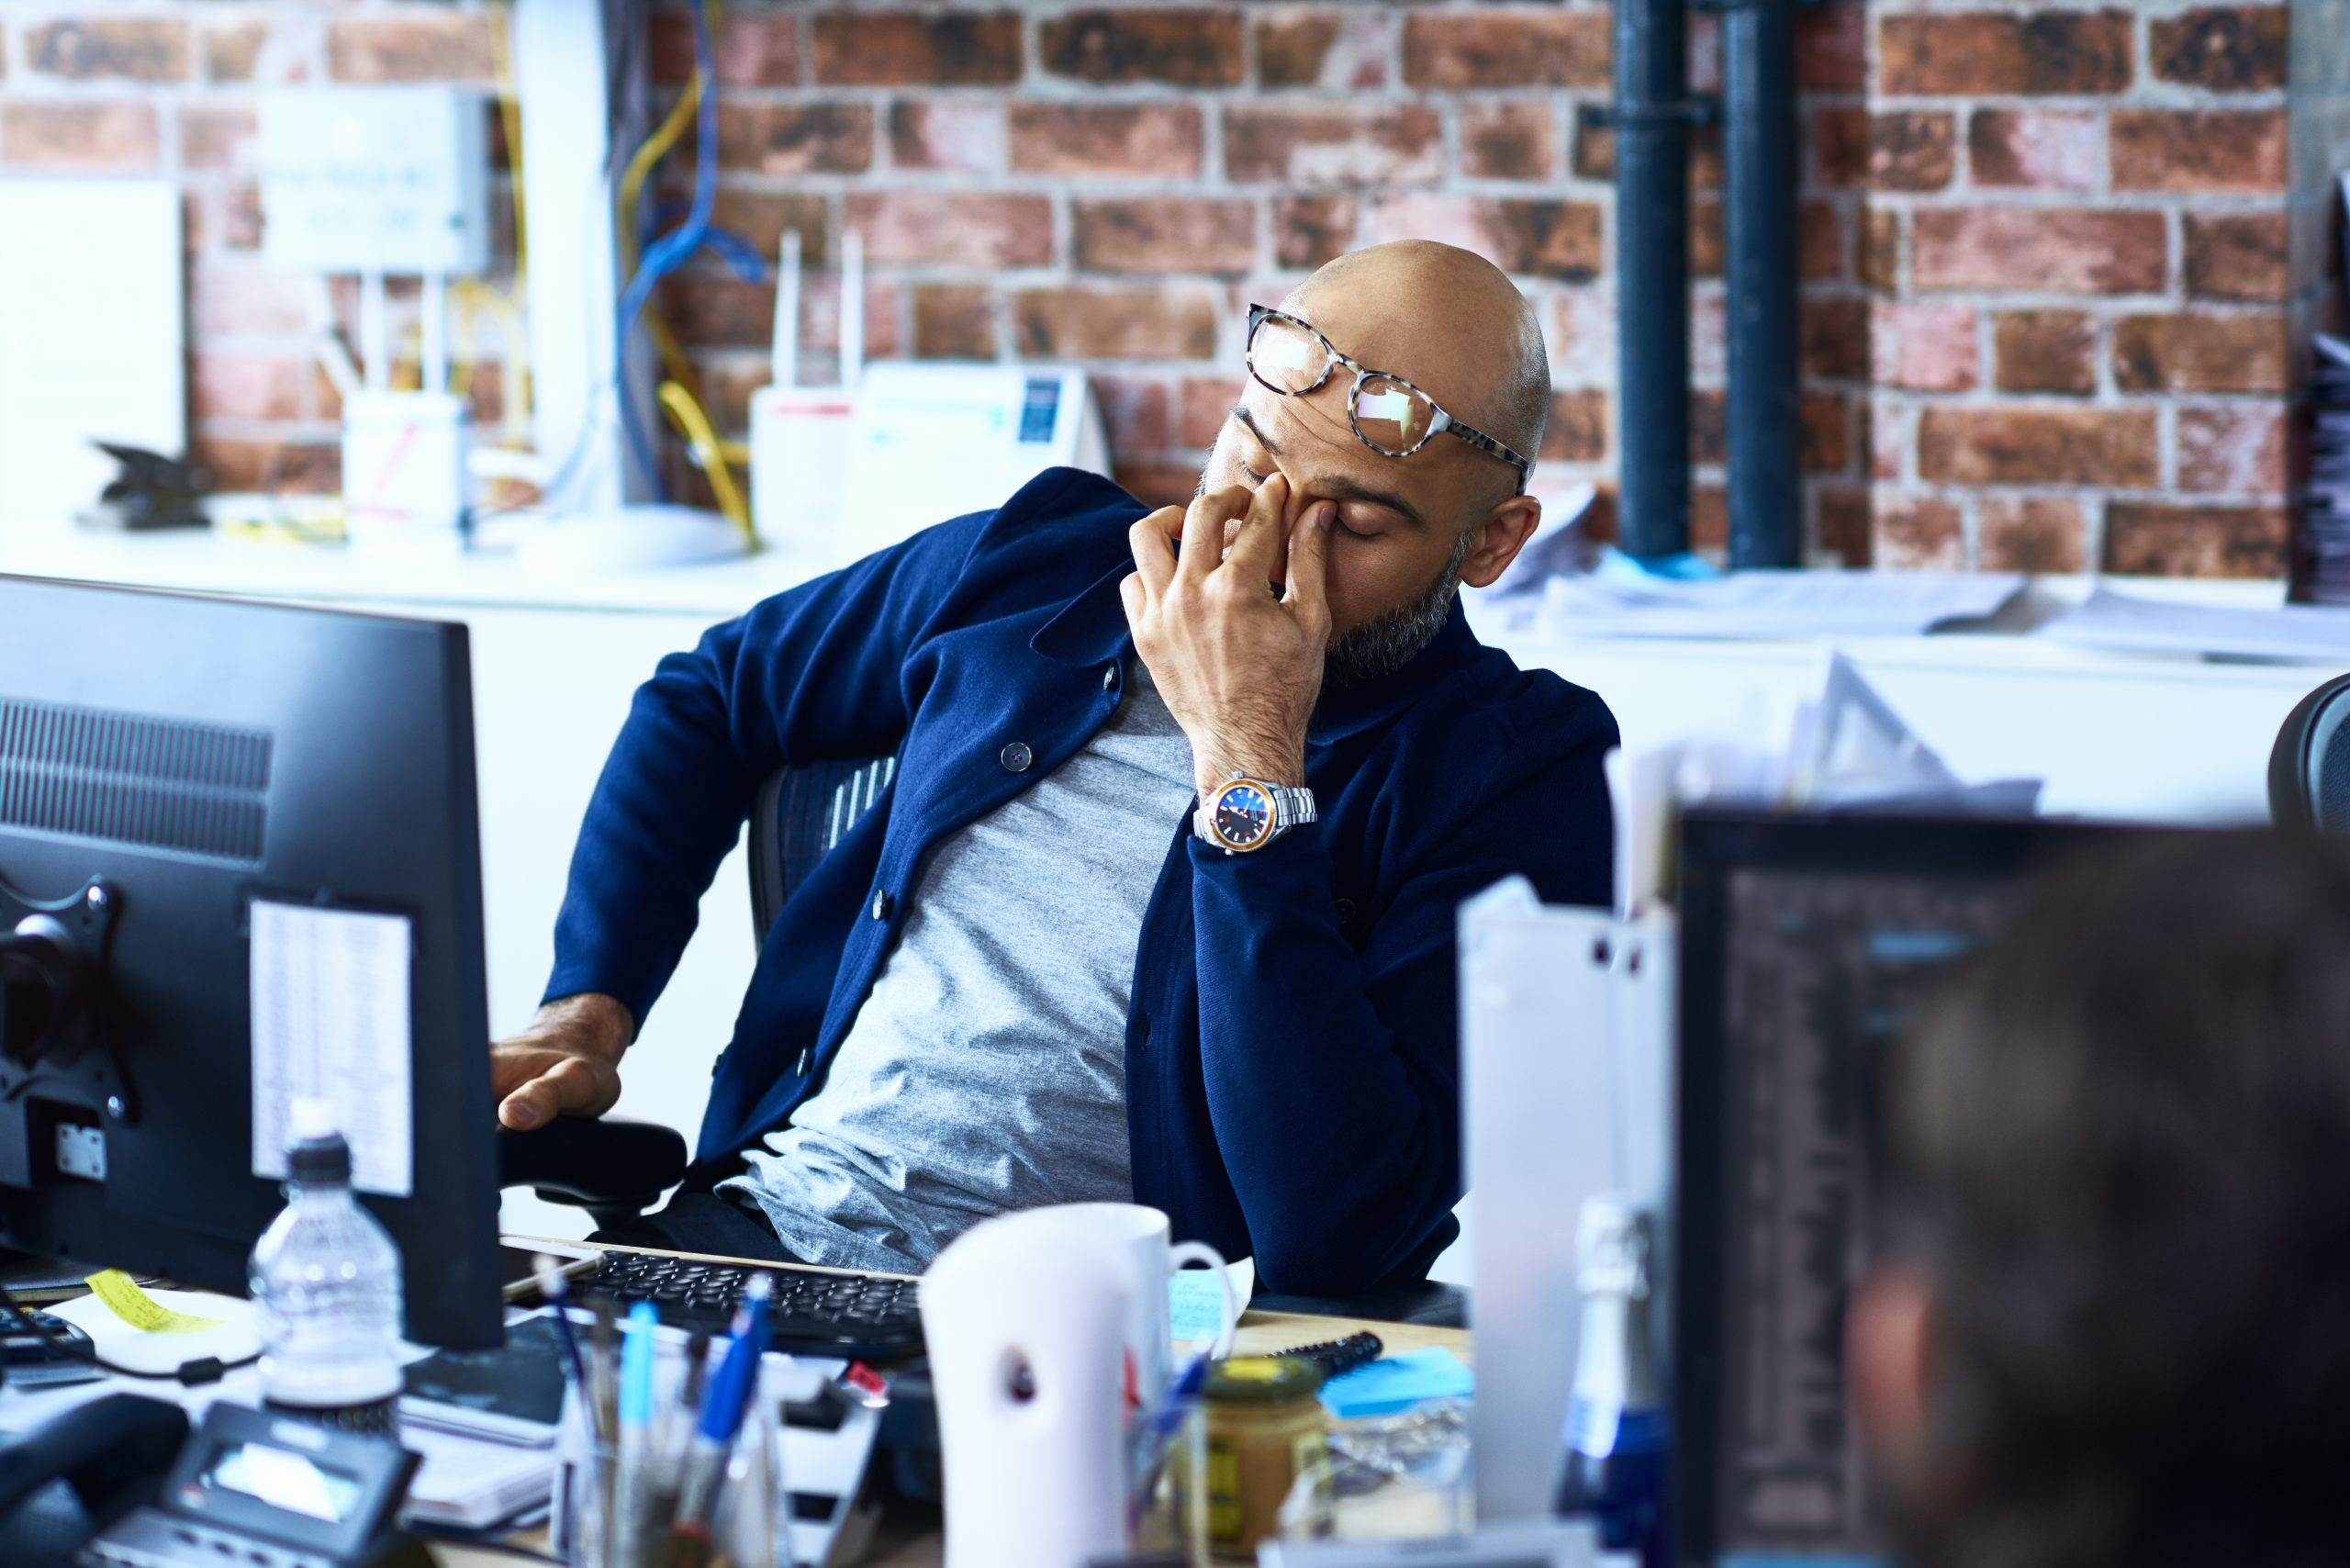 Un homme fatigué assis à son bureau au travail se demandant pourquoi je suis toujours fatigué ?